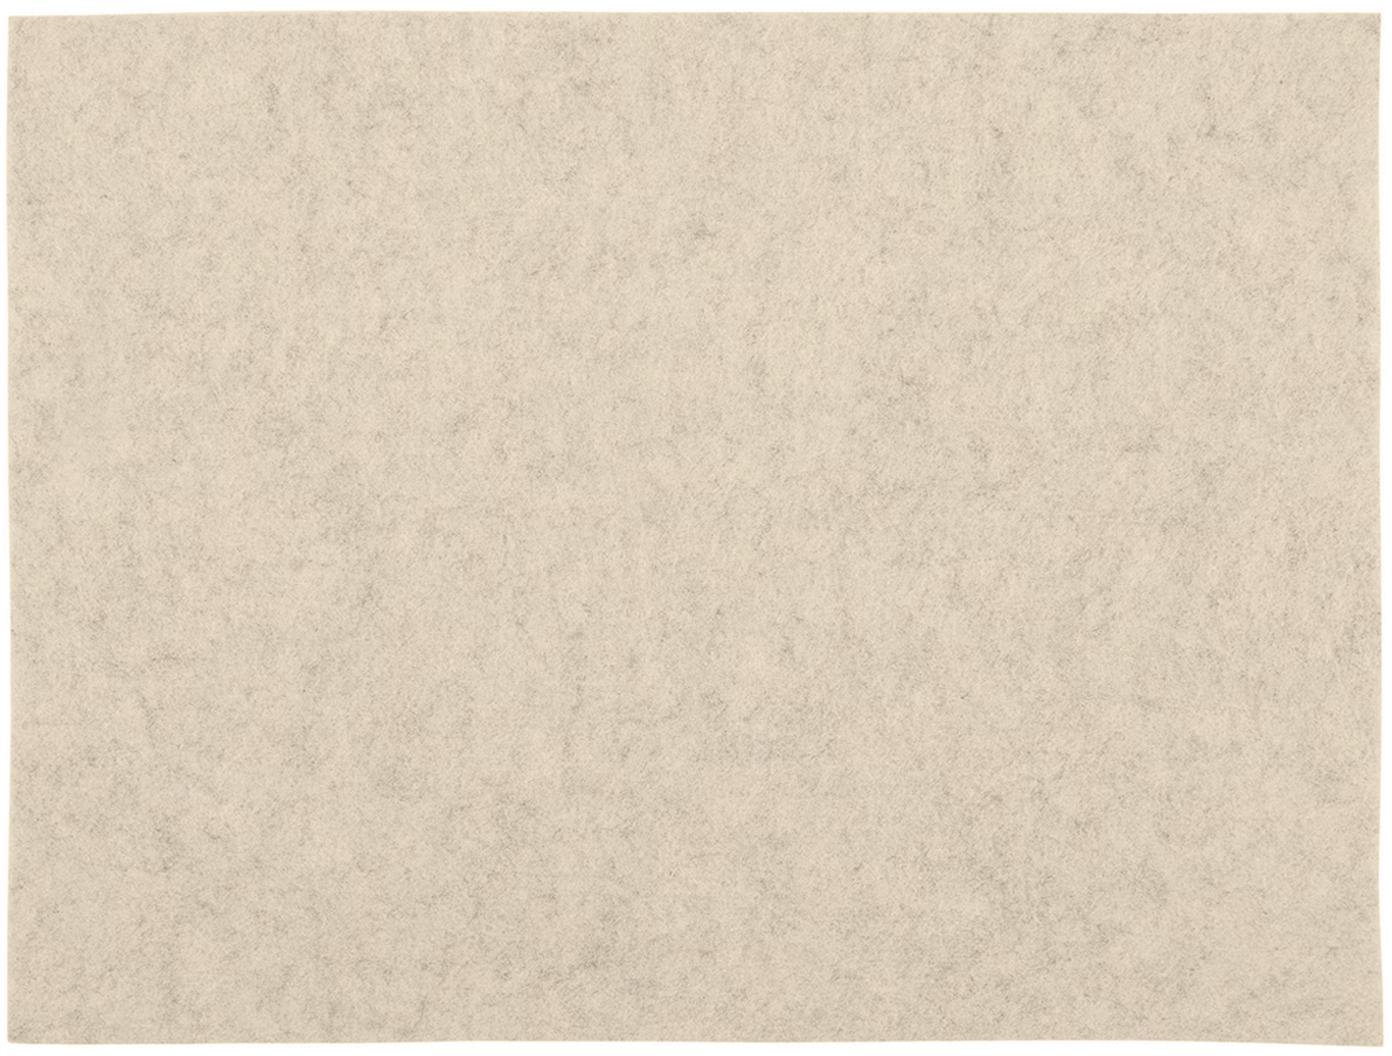 Tovaglietta americana in feltro Felto 2 pz, Feltro (poliestere), Crema, Larg. 33 x Lung. 45 cm